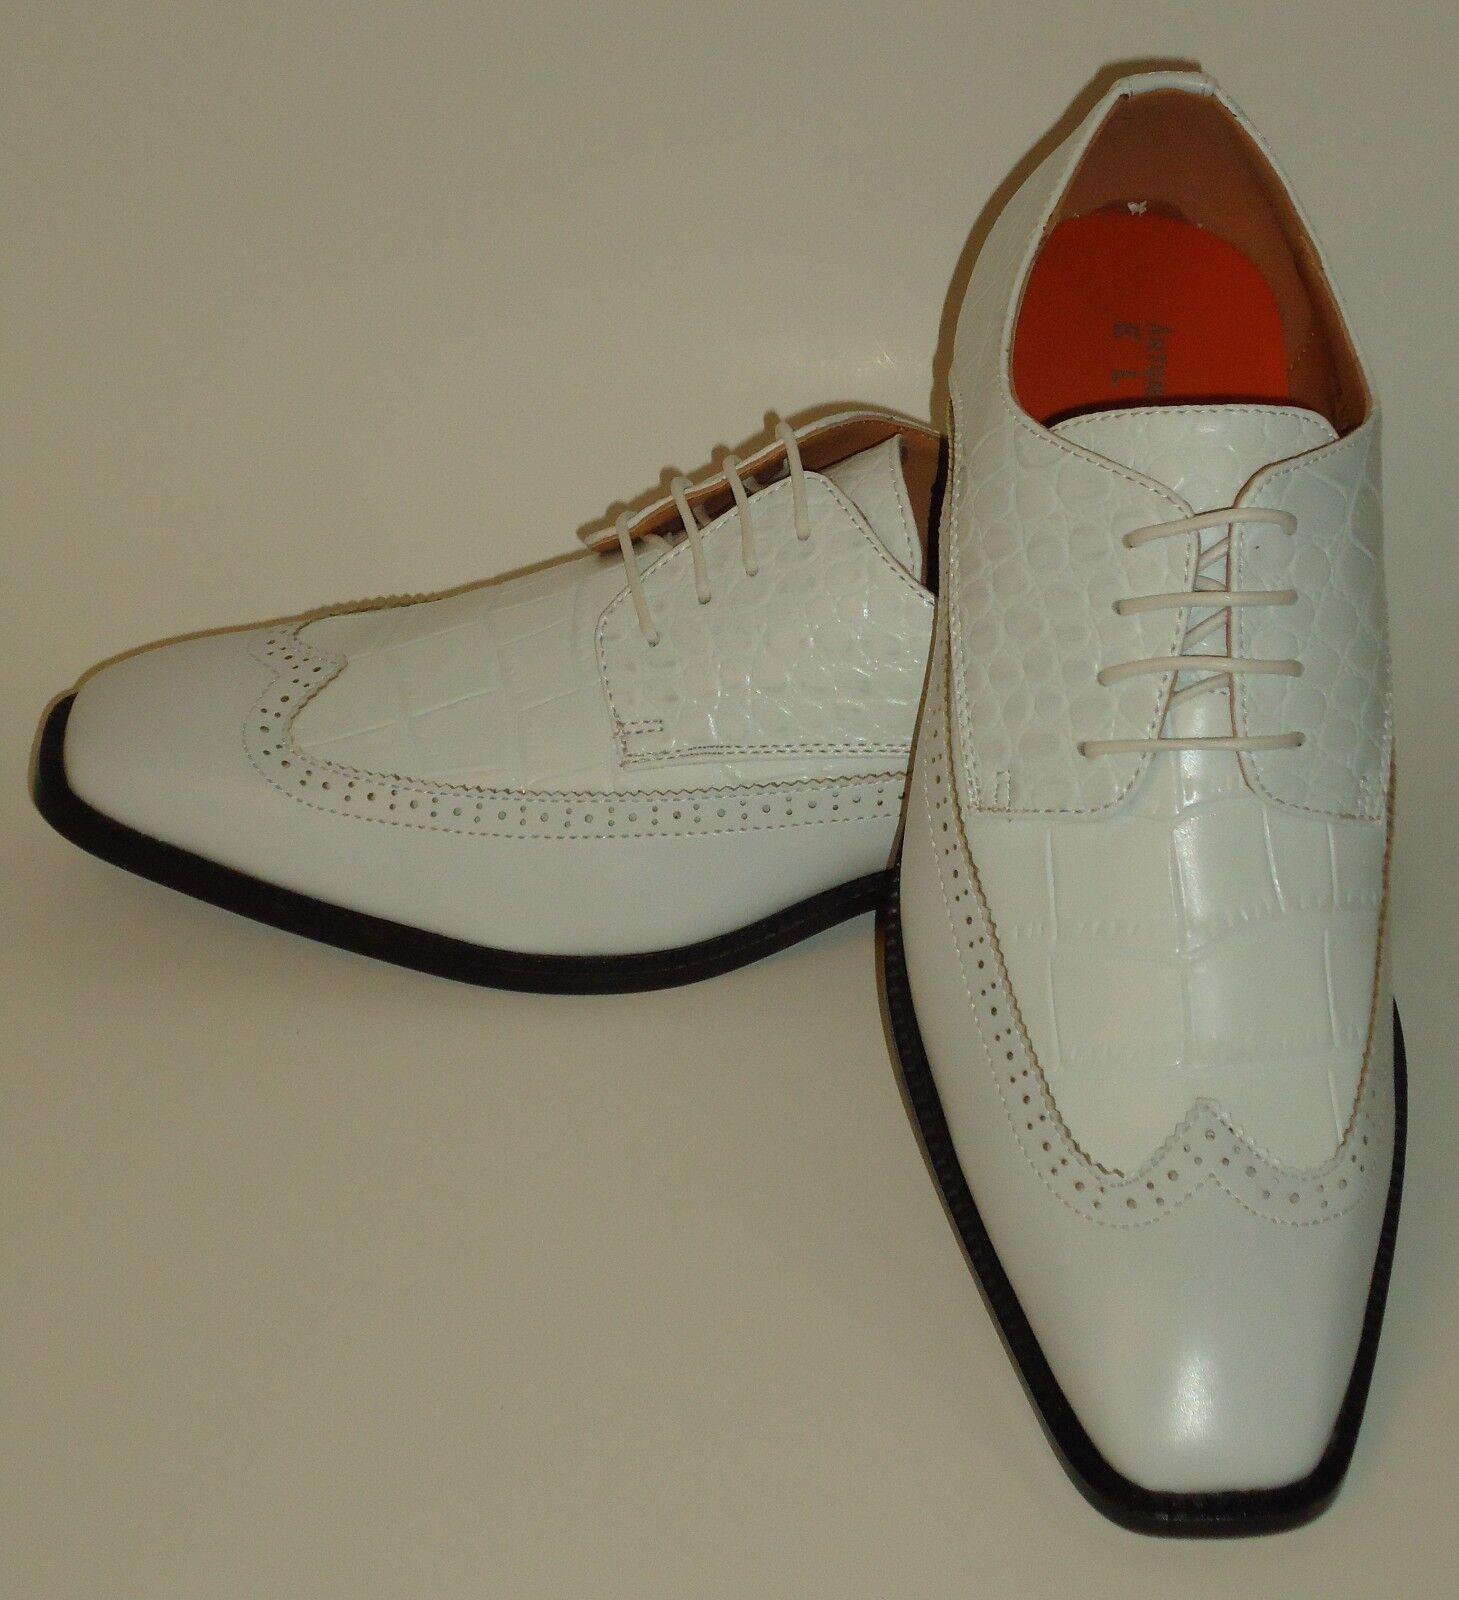 scelte con prezzo basso Mens Classic bianca Wingtip Wingtip Wingtip Oxford Fashion Dress scarpe Antonio Cerrelli 6714  economico